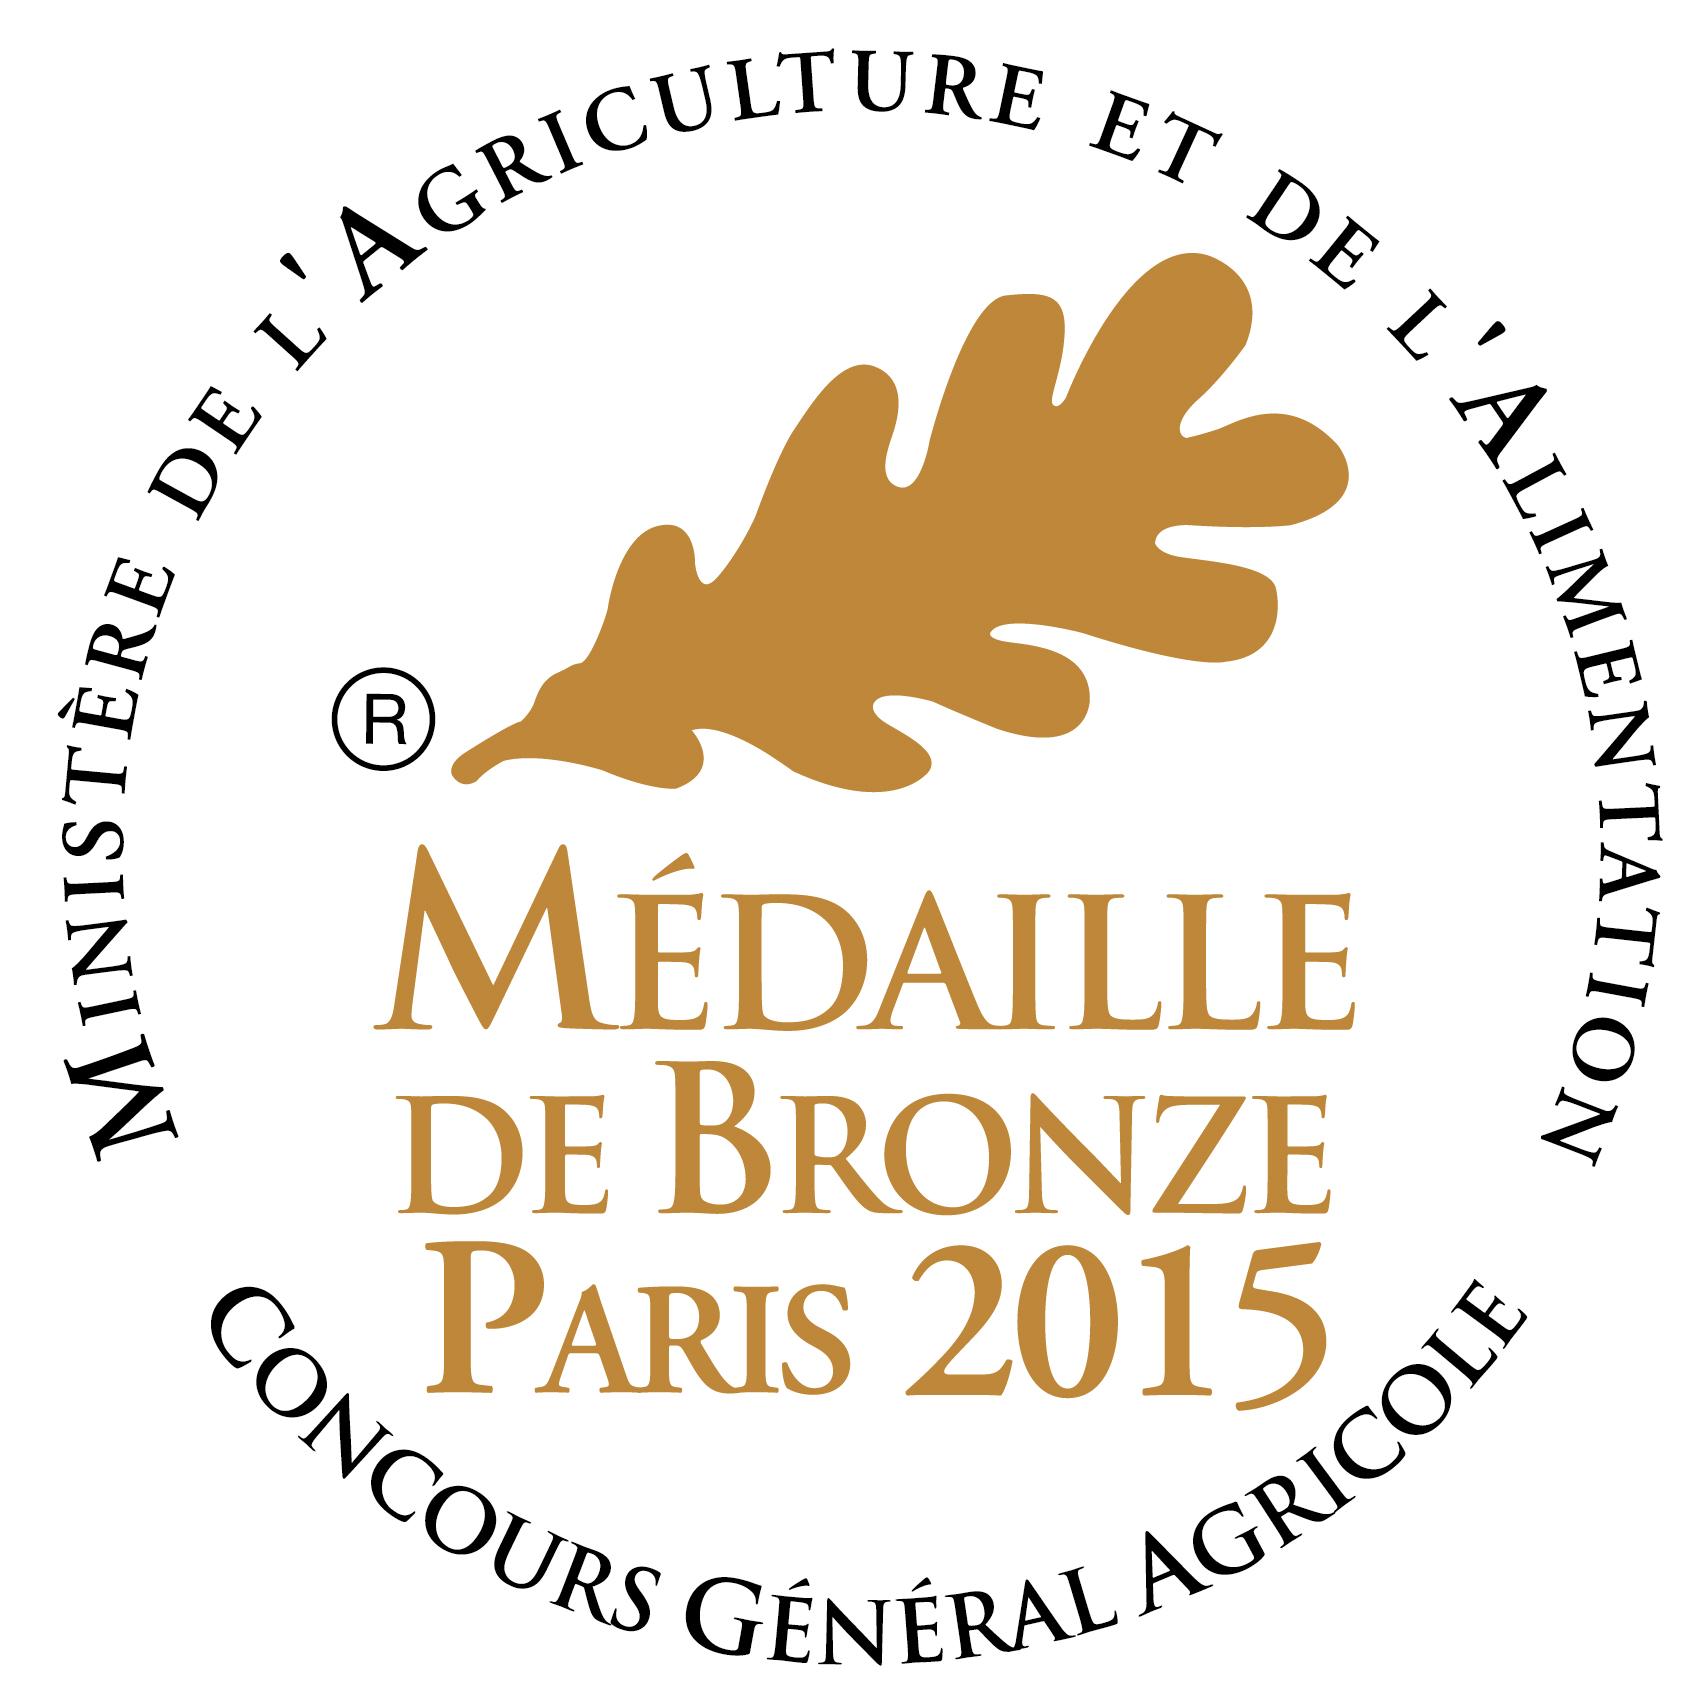 médaille bronze 2015